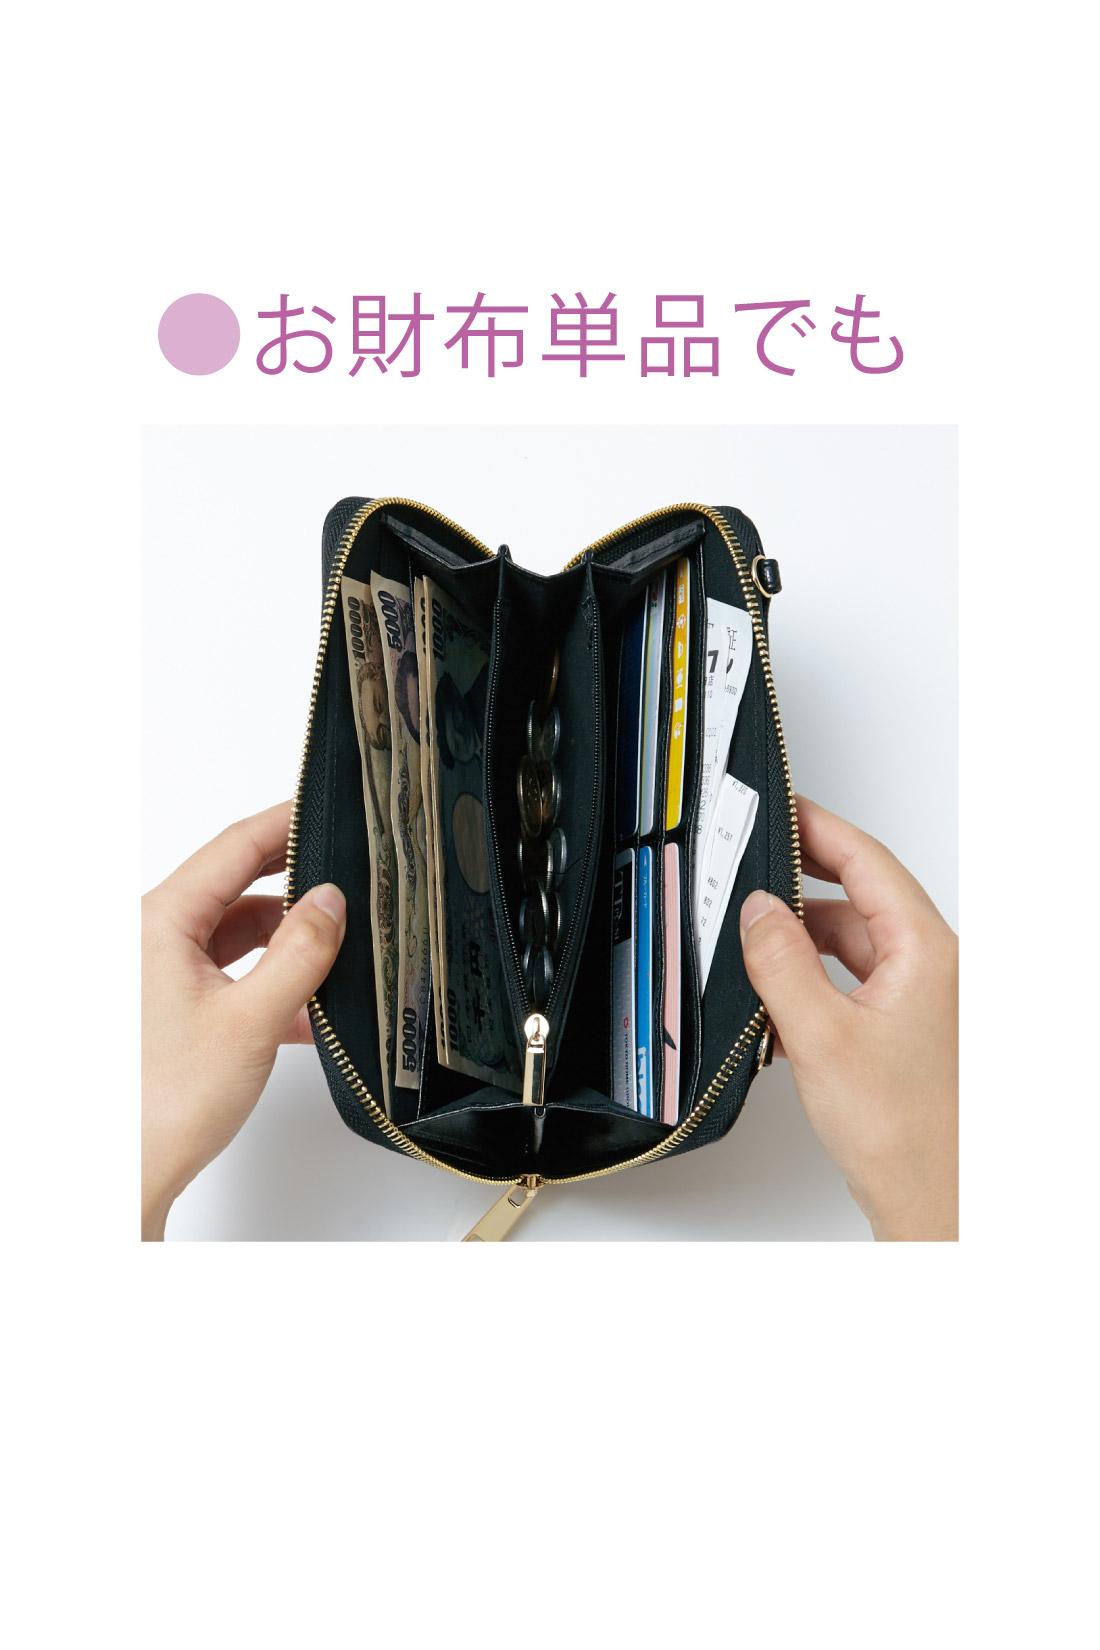 ガバッと開いて使いやすい、容量もたっぷりのお財布。